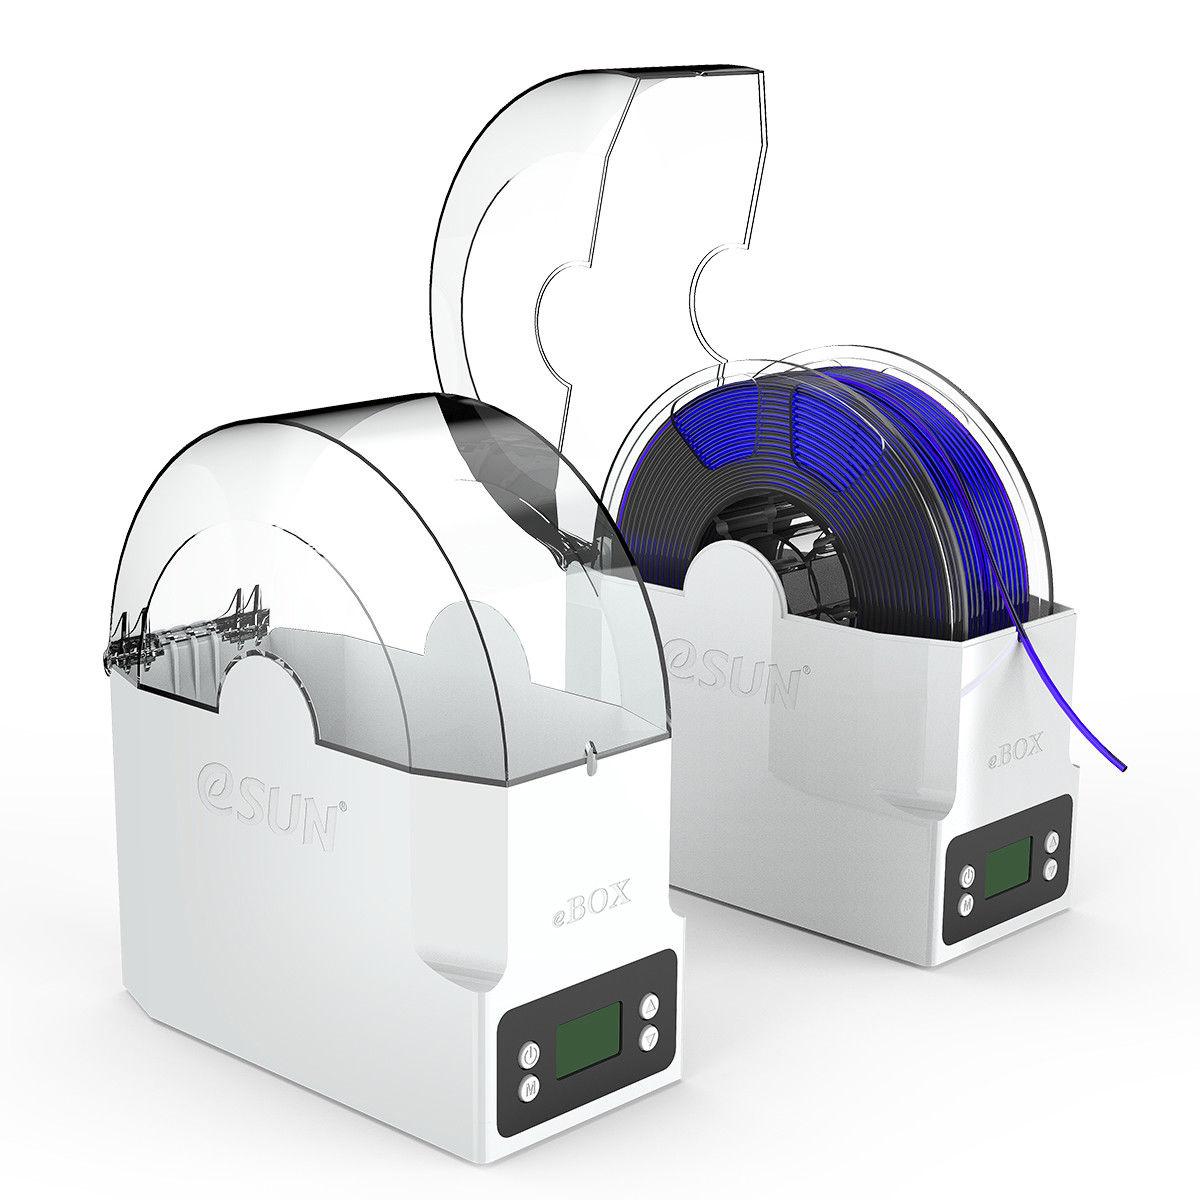 ESUN eBOX 3D Printing Filament Doos, Uitdrogen Houden Filament Droog en Meet Gewicht, Filament Opbergdoos